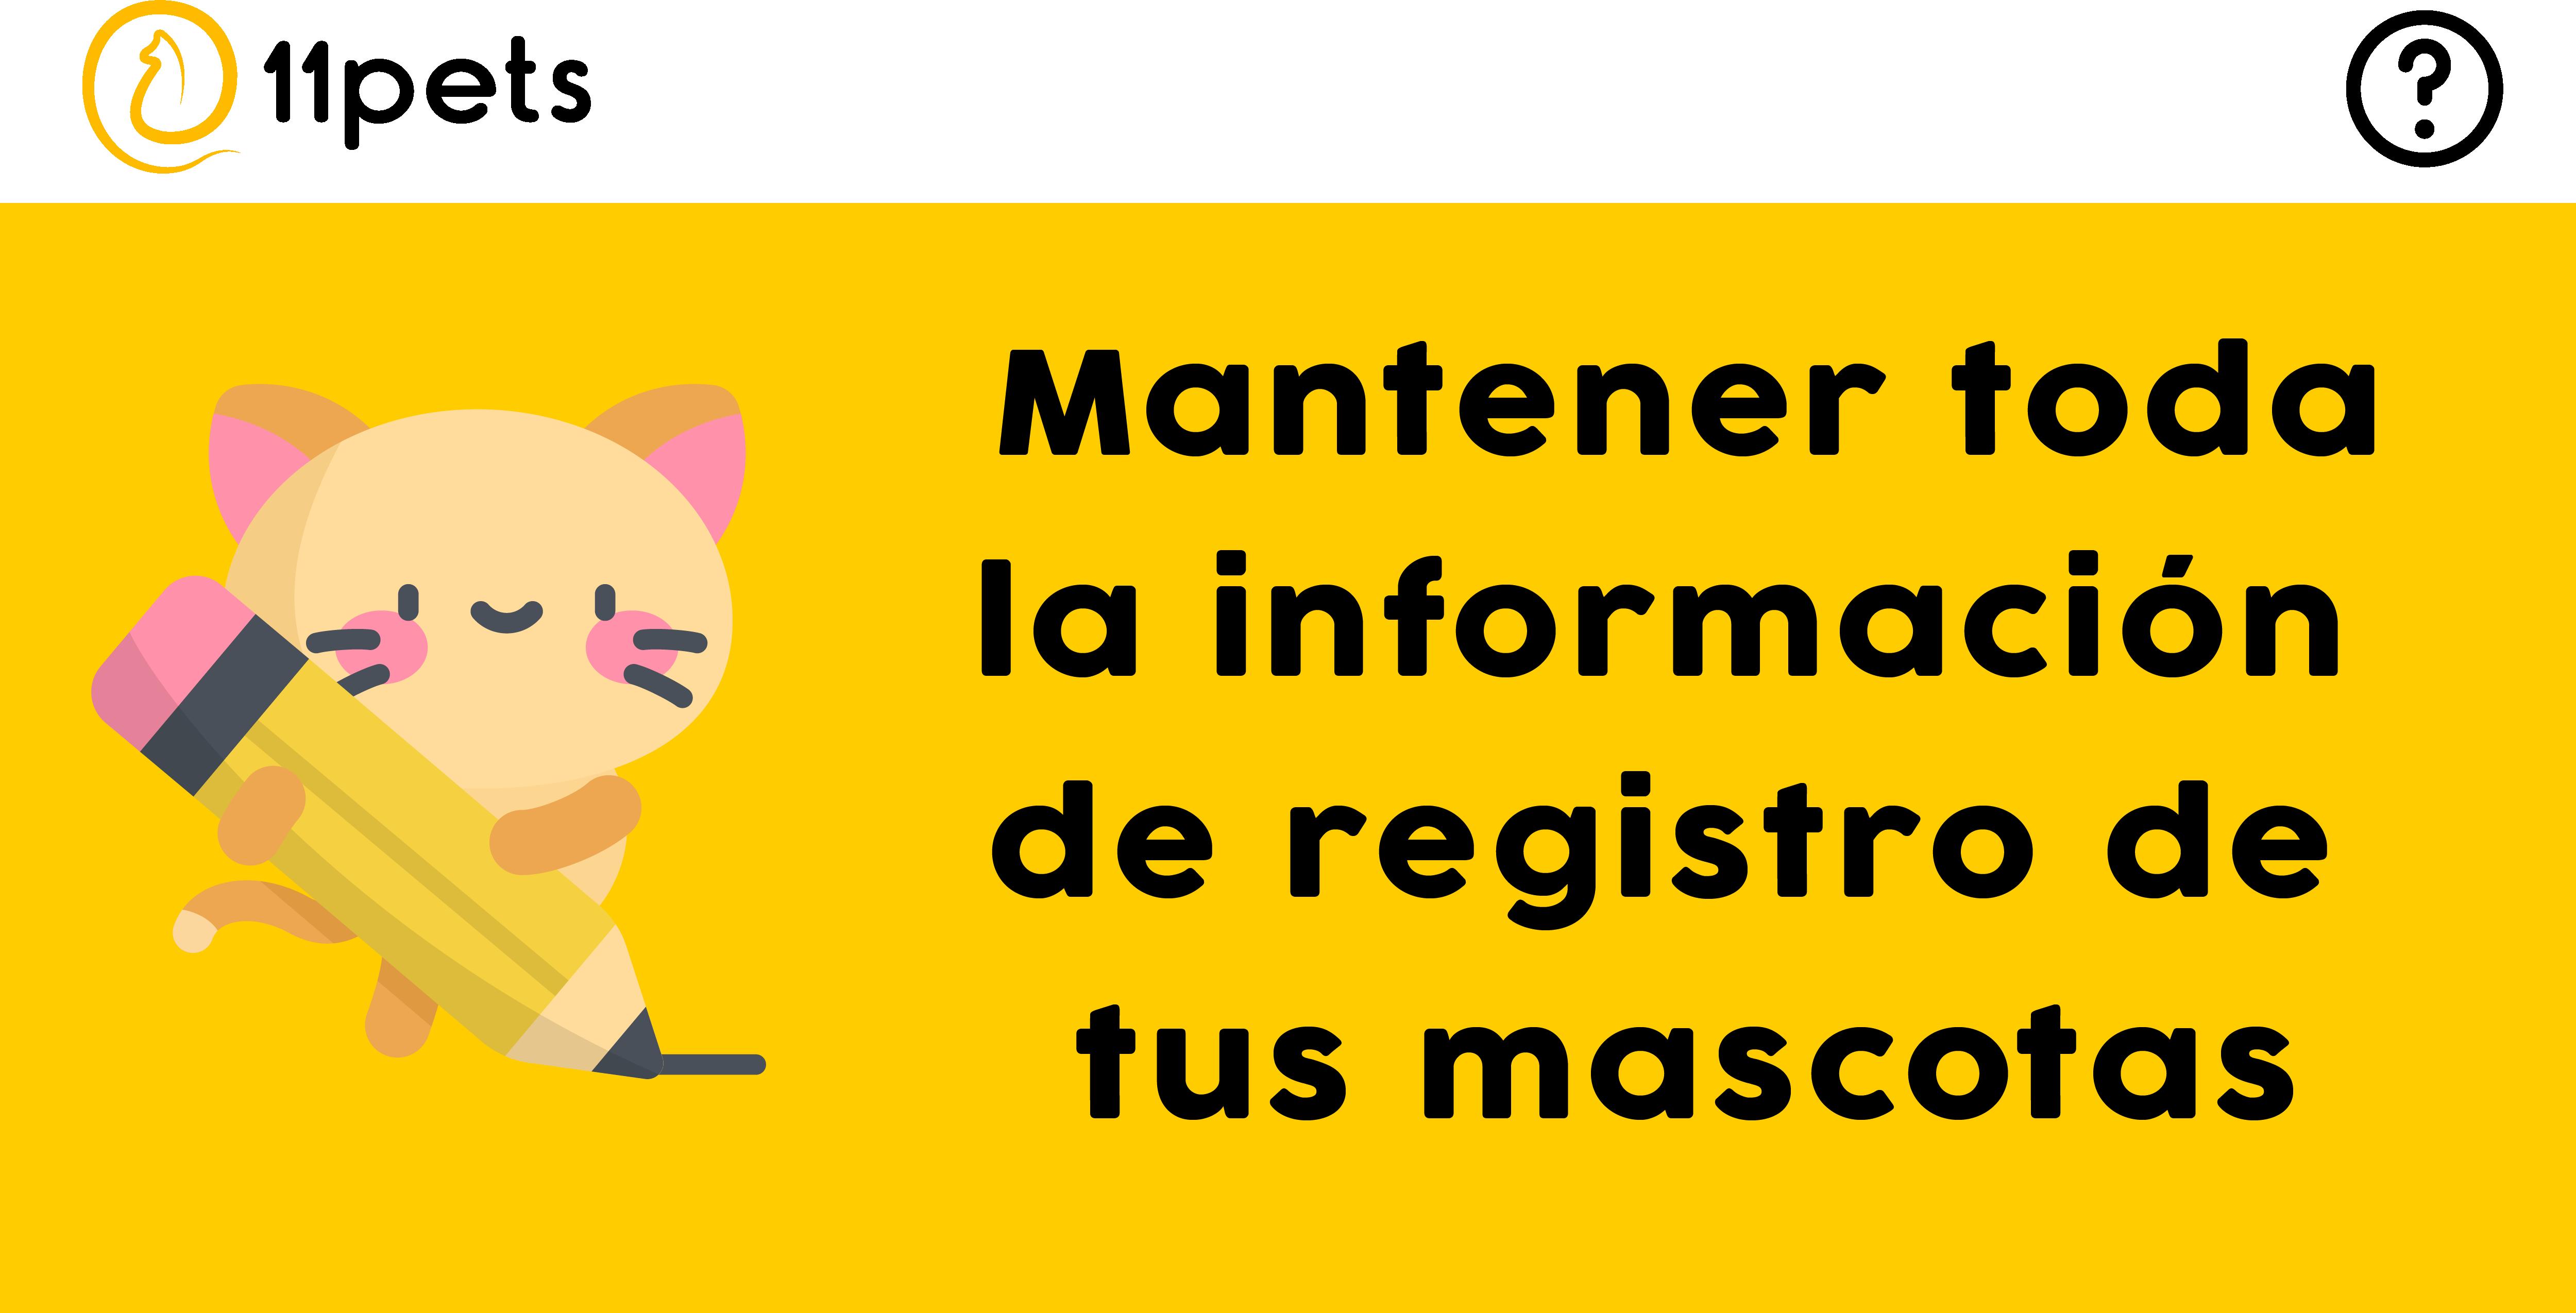 Mantener toda la información de registro de tus mascotas